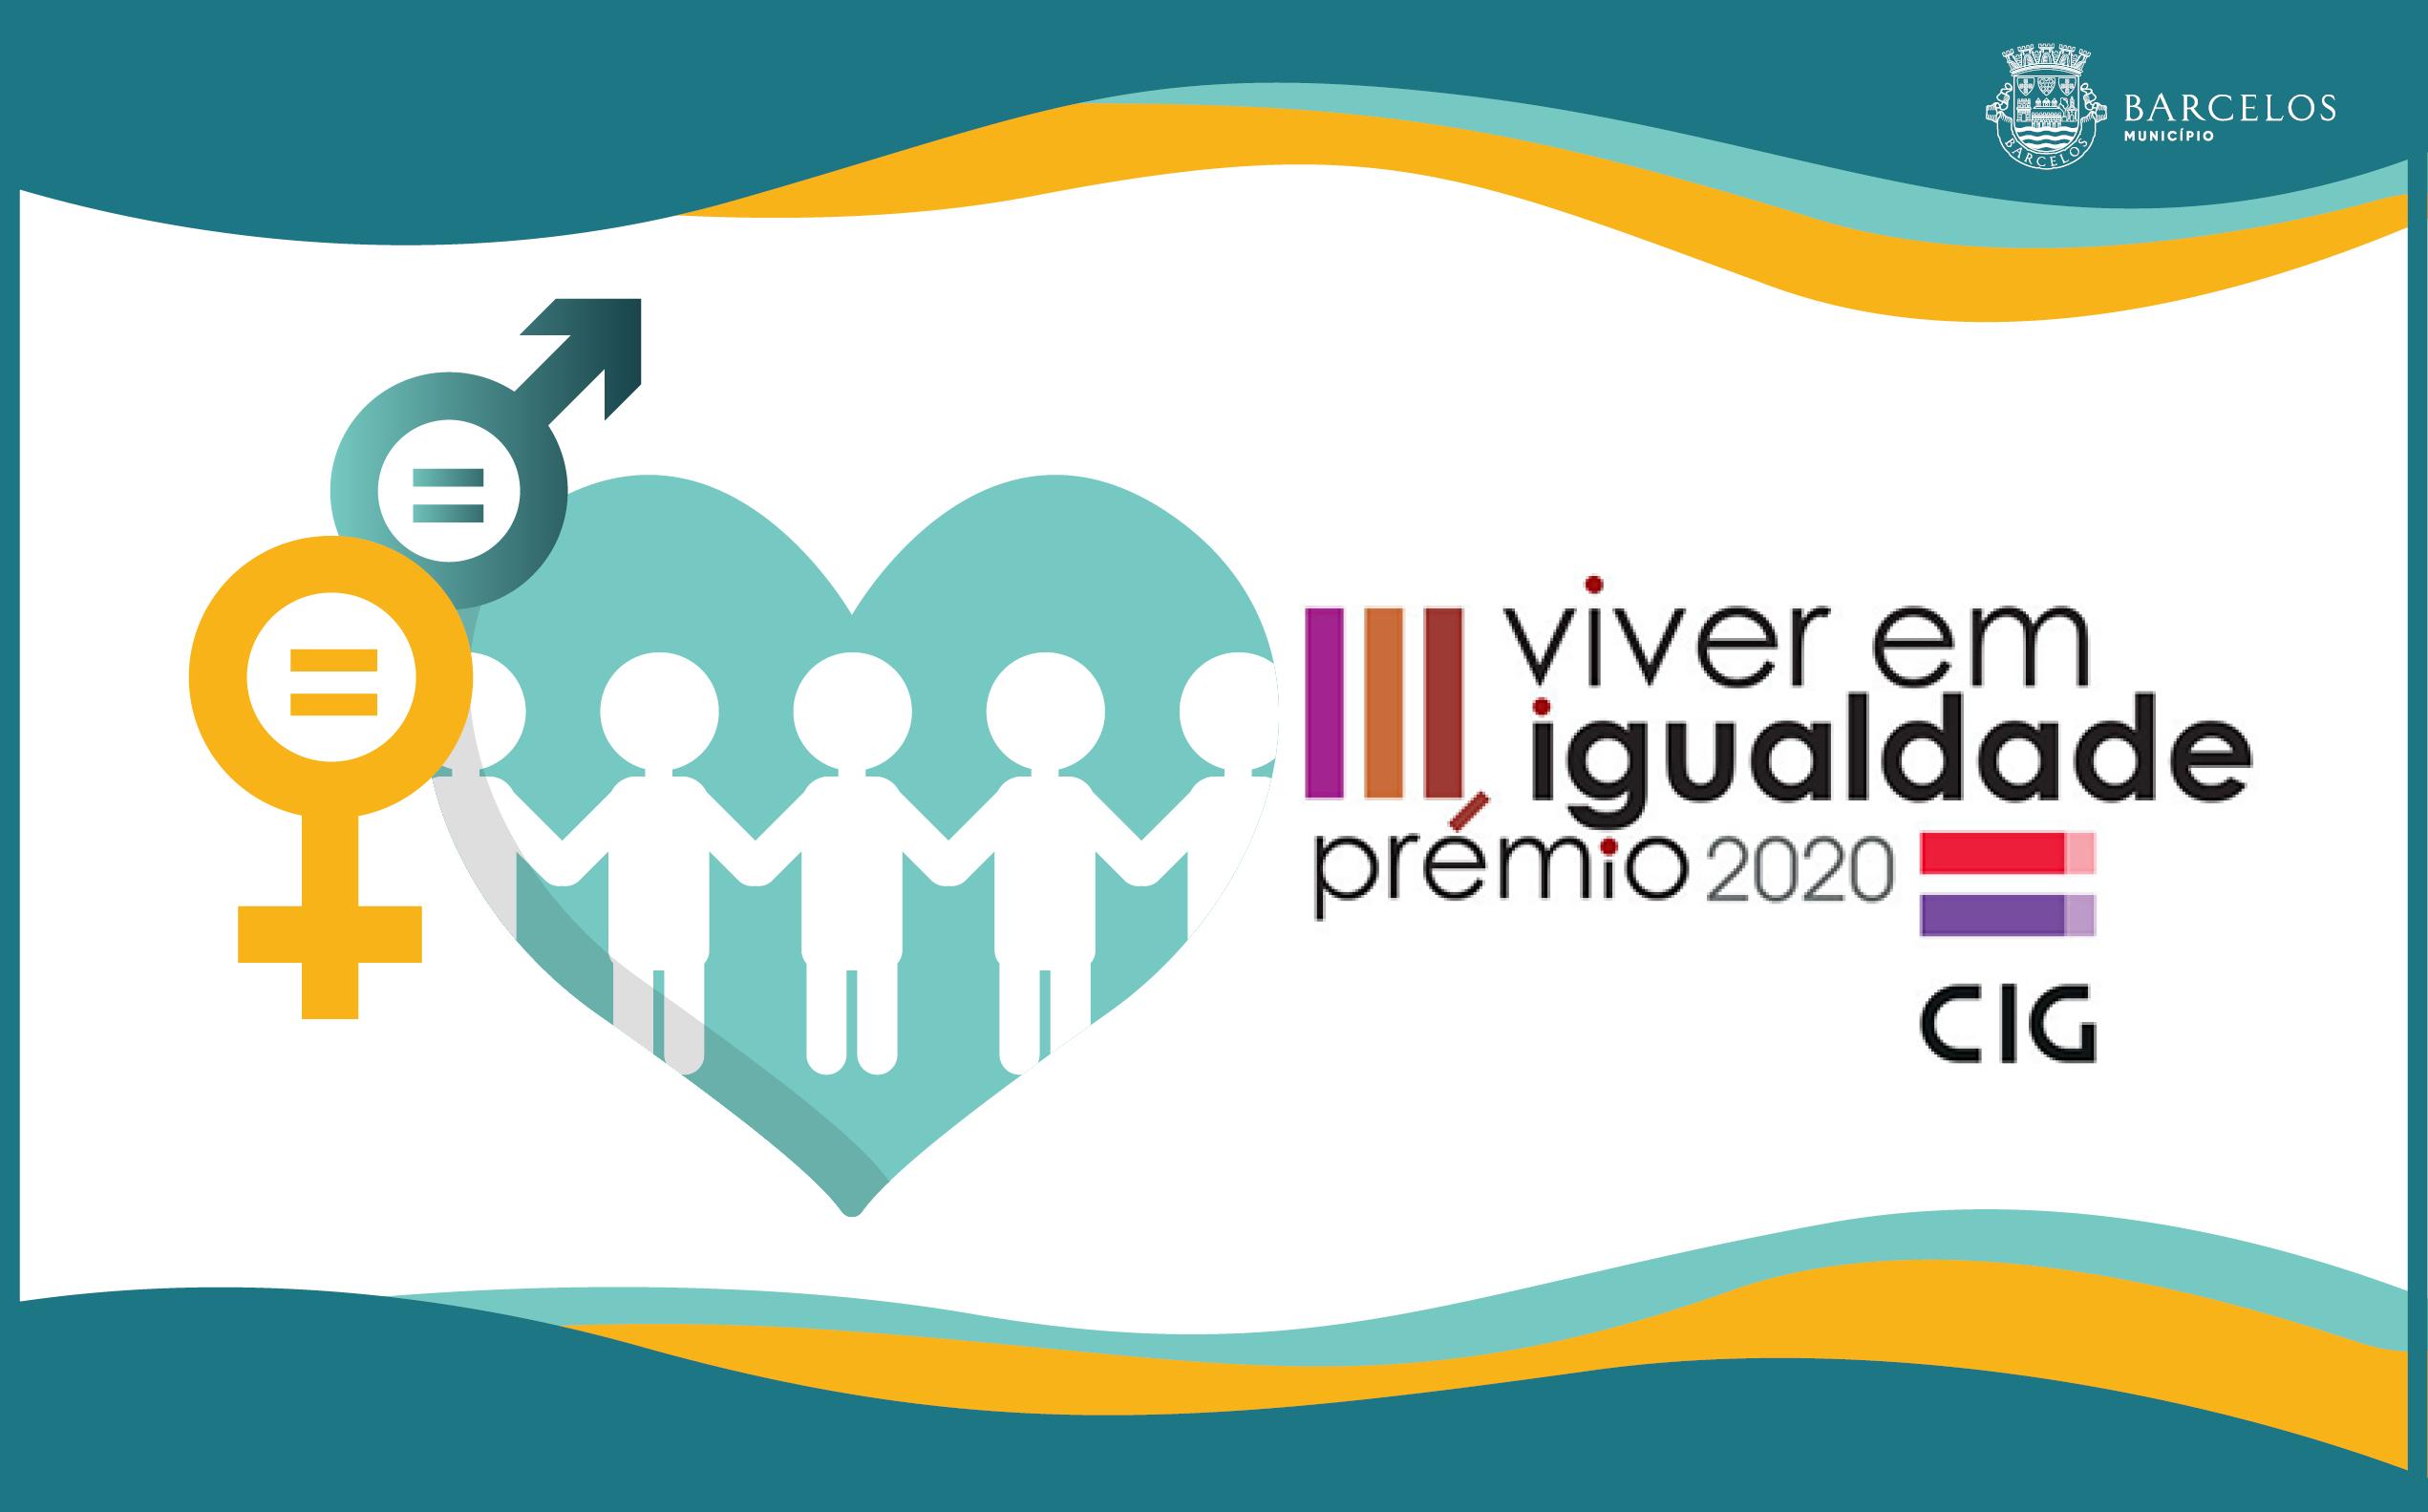 Município de Barcelos distinguido com o Prémio Viver em Igualdade